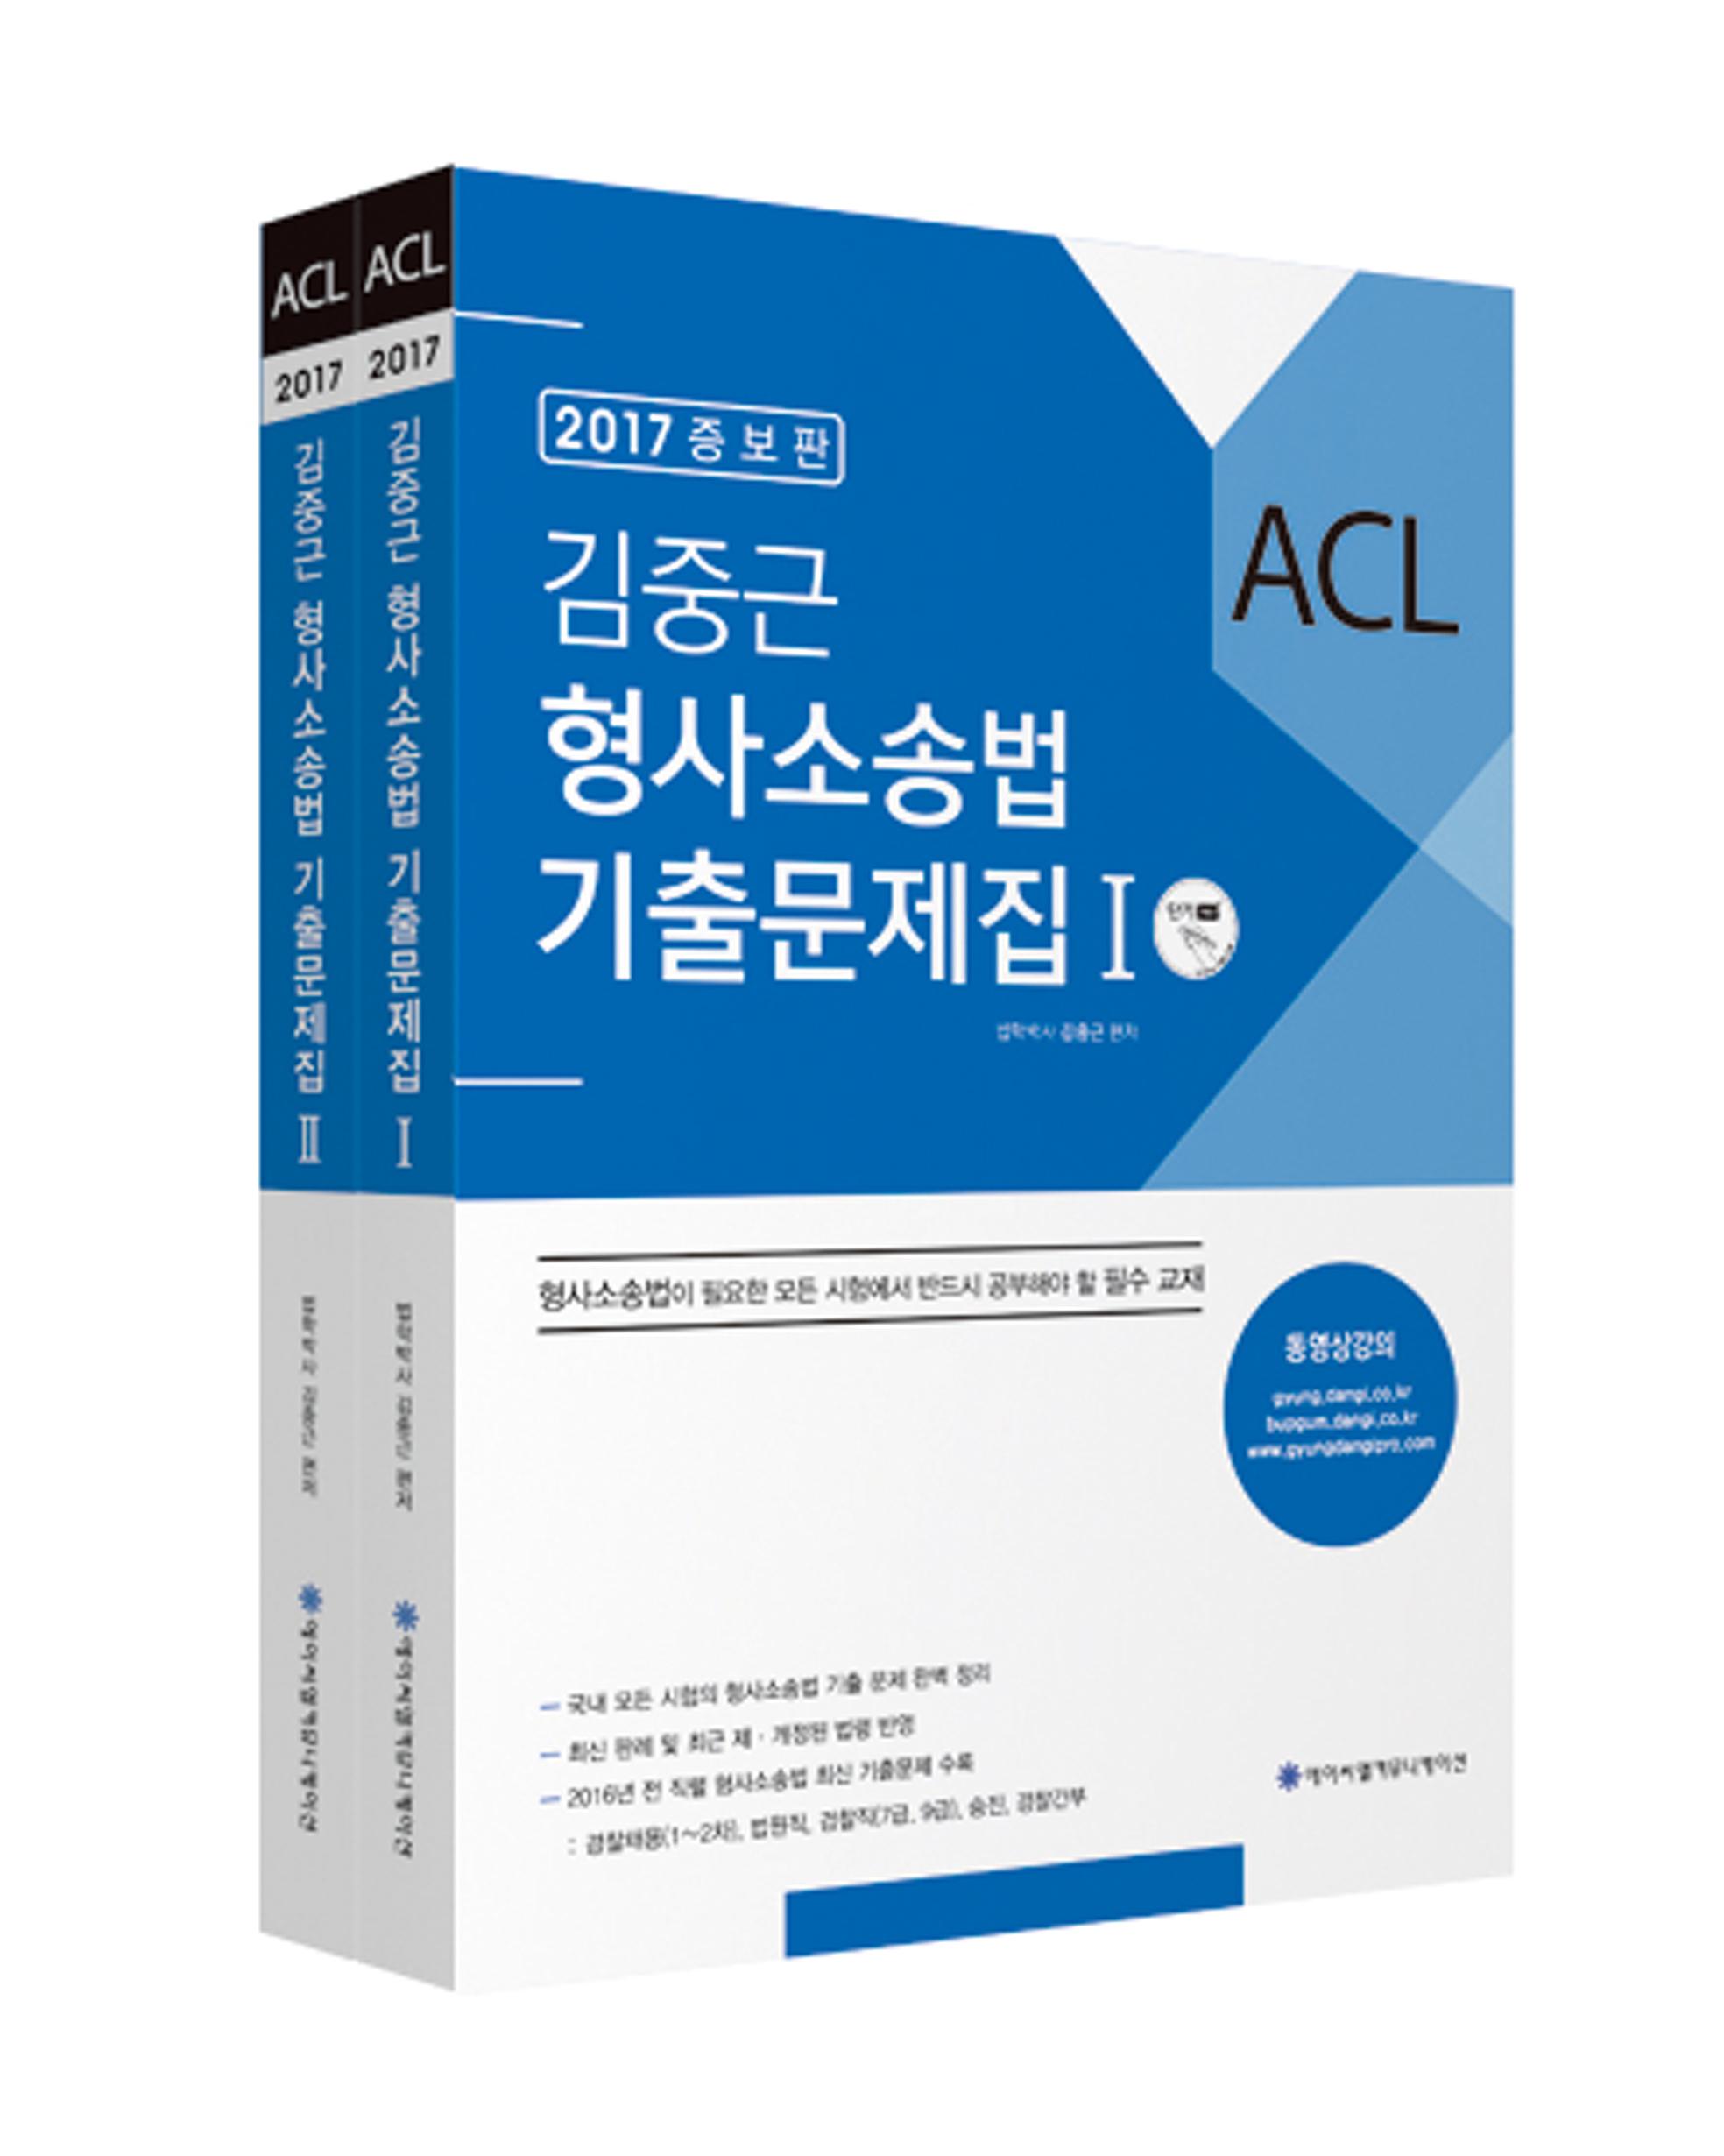 [단기펜교재] 2017 ACL 김중근 형사소송법 기출문제집